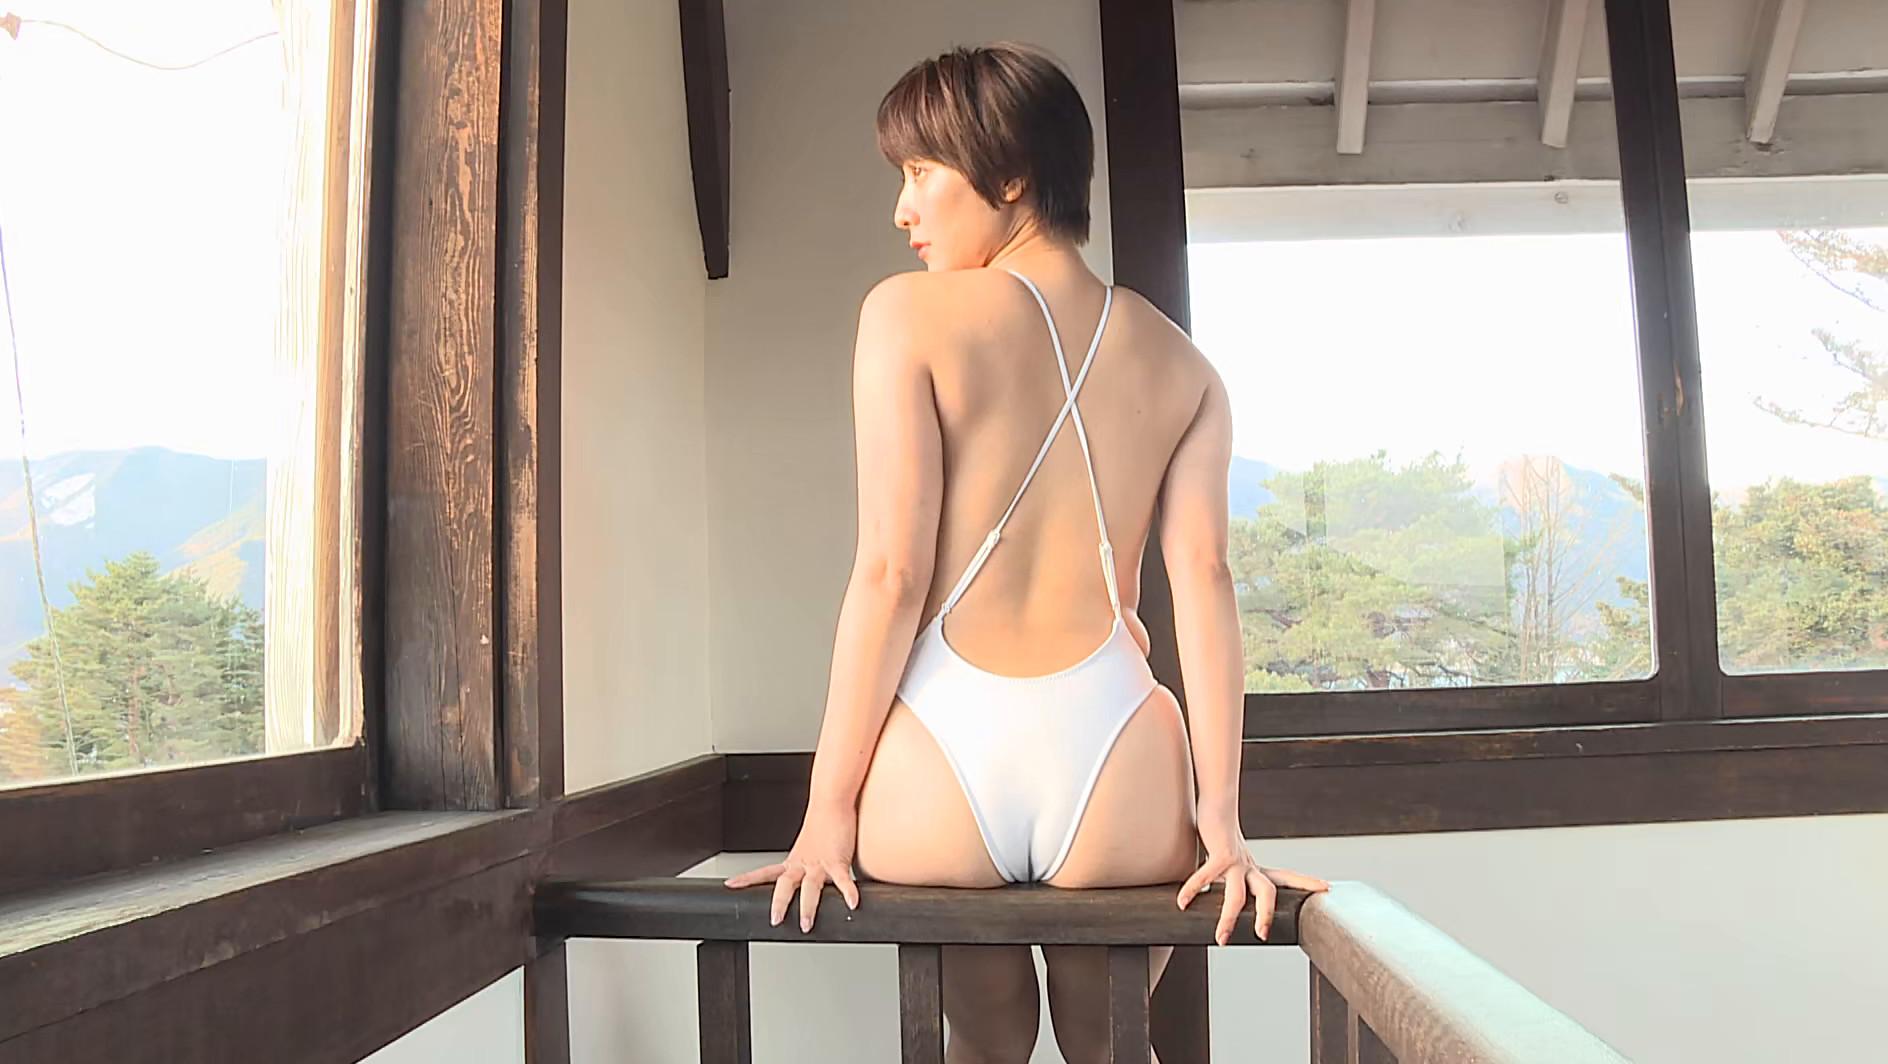 ハウスガール! 紺野栞18